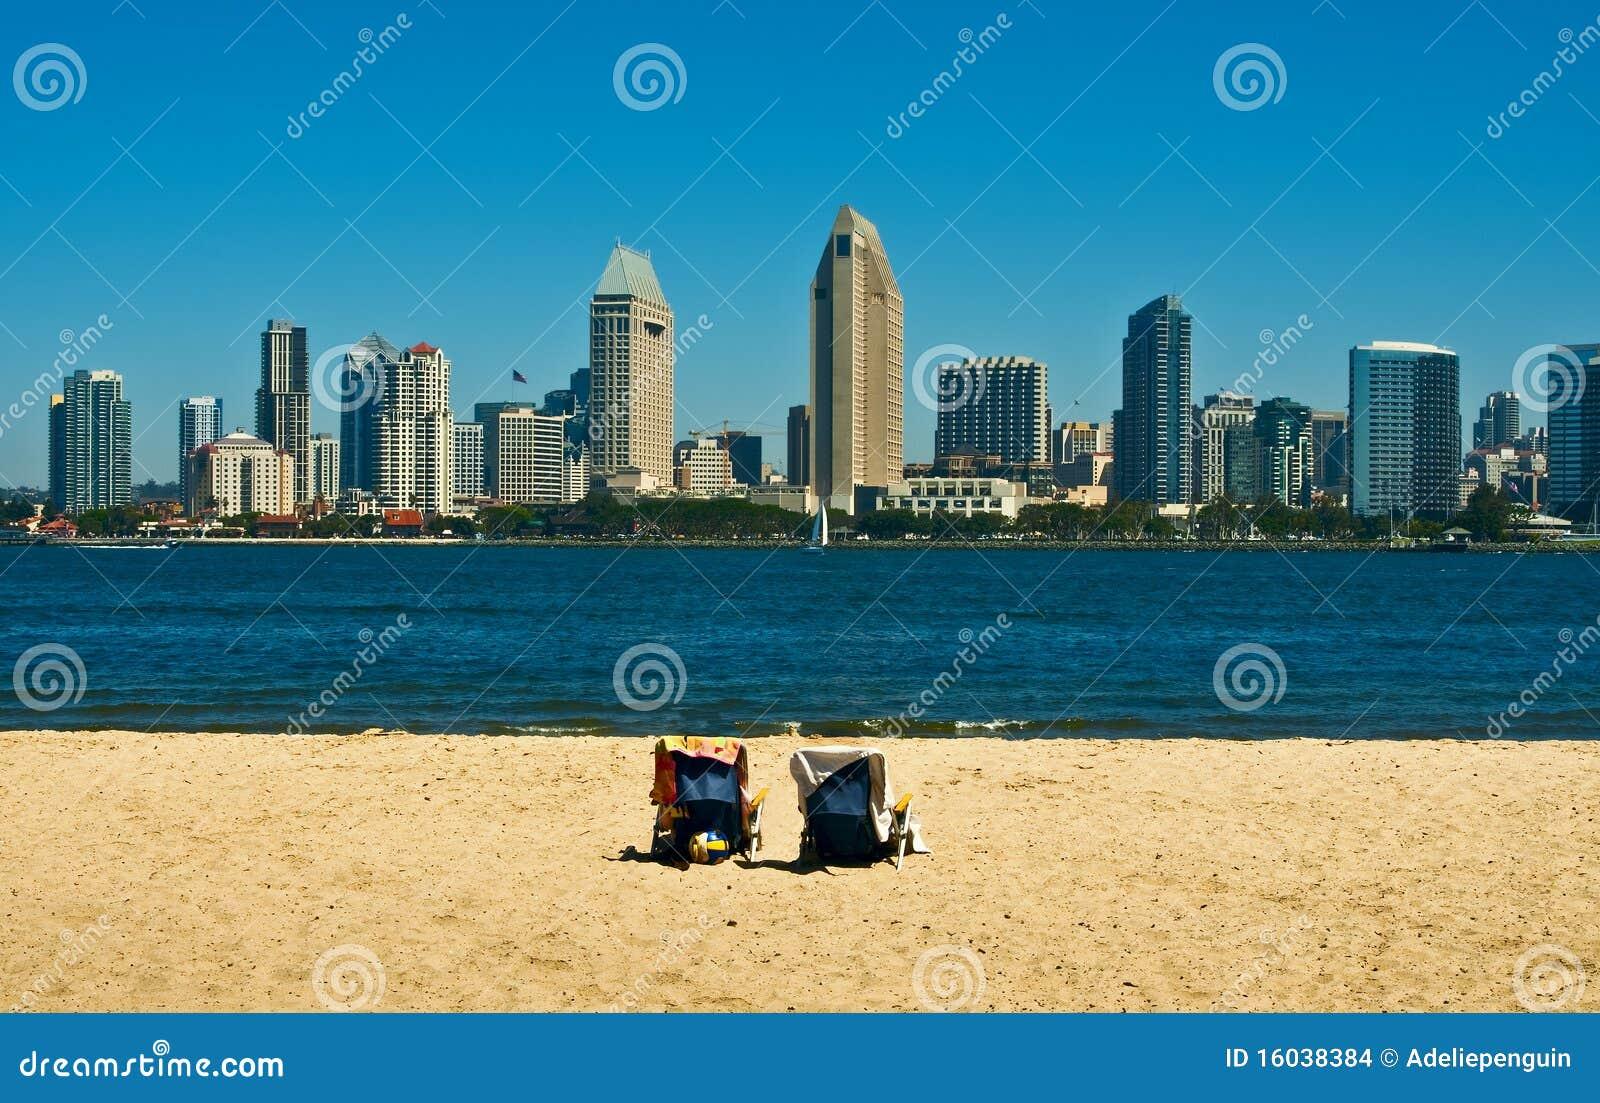 San Diego Skyline and Beach, California